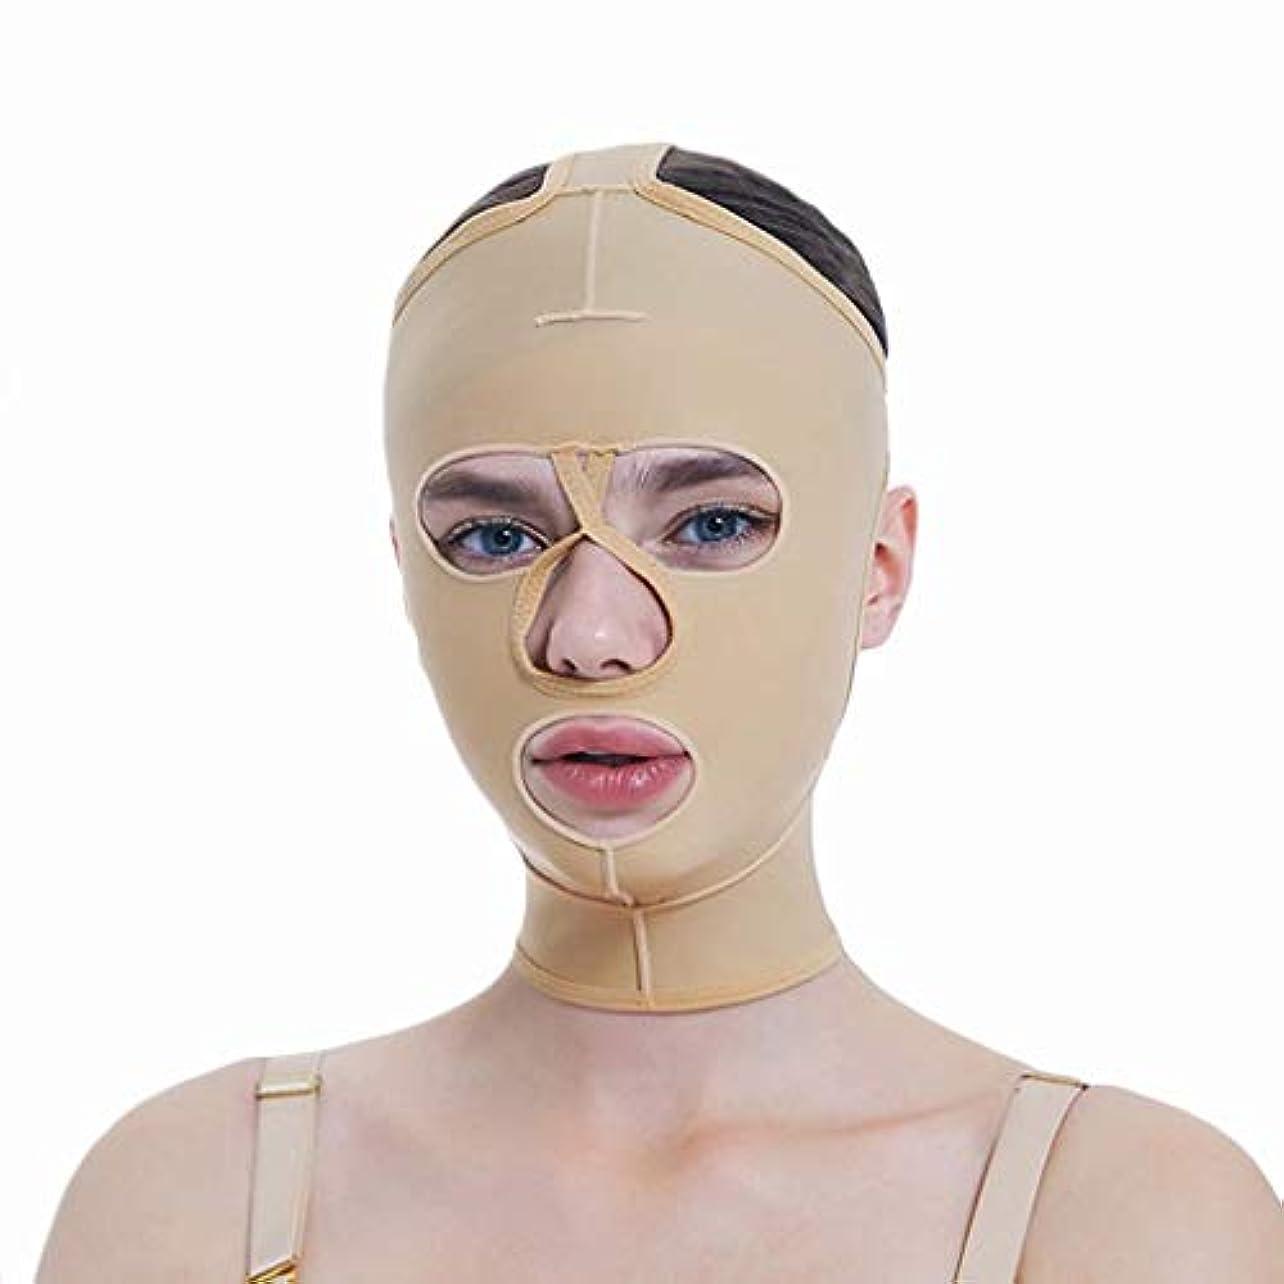 挽く計算する不変フェイシャル減量マスク、フルカバレッジ包帯、フルフェイスリフティングマスク、フェイスマスク、快適で リフティングシェーピング(サイズ:S),M